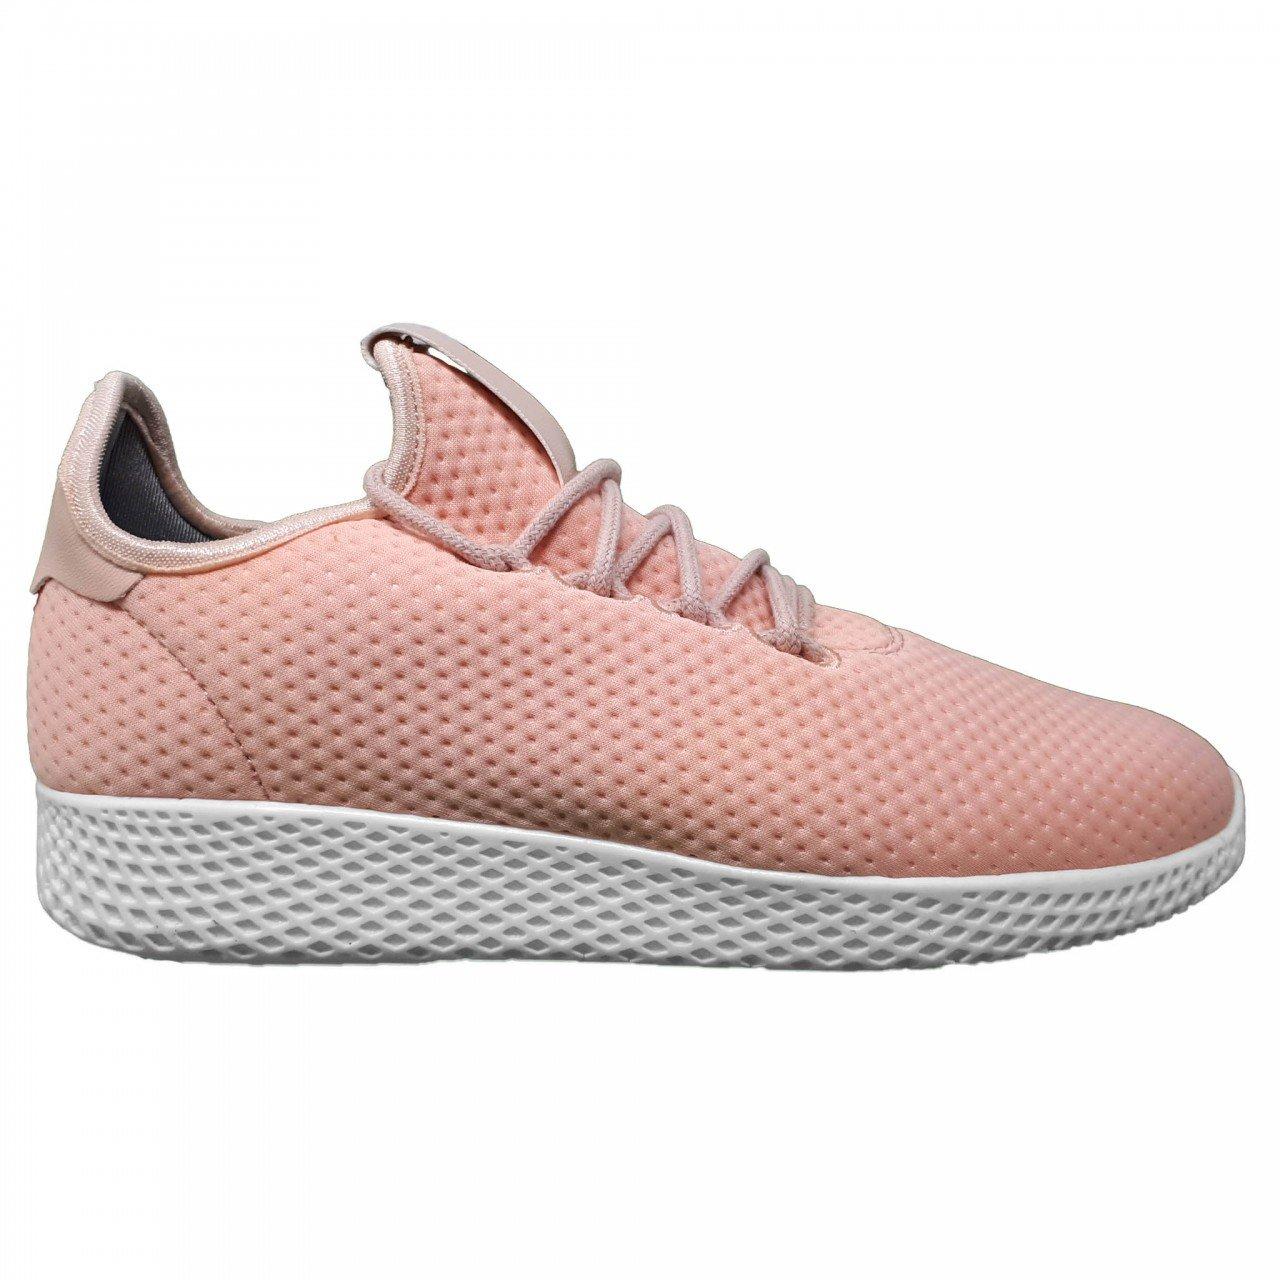 Tenis rosa para mujer Capa de ozono 404703